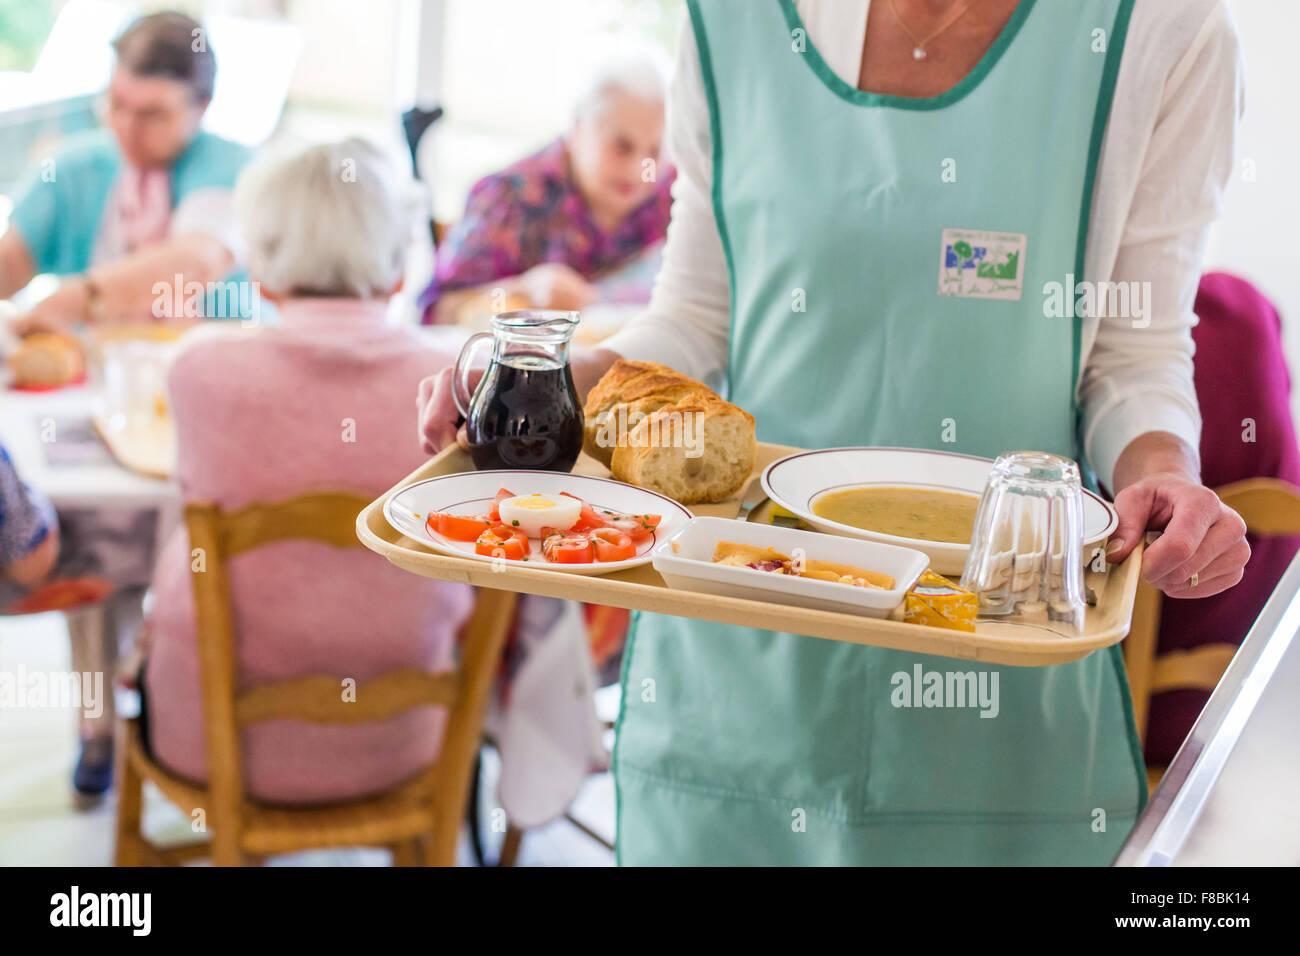 Ancianos personns en el refectorio de una residencia para ancianos independientes, Dordogne, Francia. Imagen De Stock